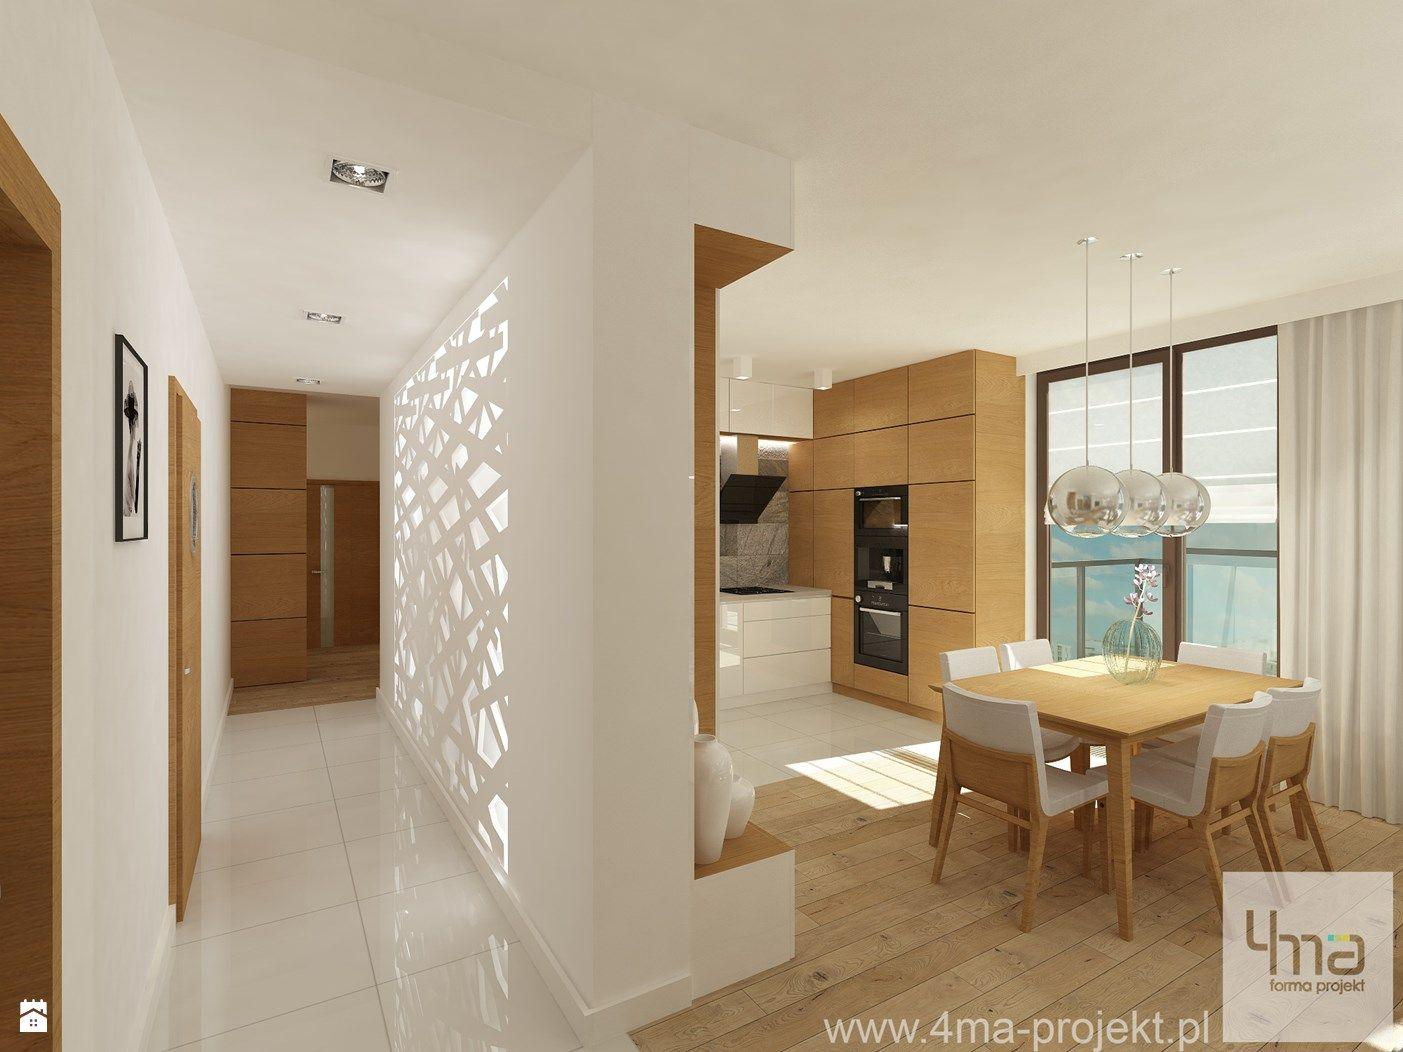 Wystroj Wnetrz Hol X2f Przedpokoj Pomysly Na Aranzacje Projekty Ktore Stanowia Prawdziwe Inspiracje Dla Kazdego Dla Kogo Liczy Home Home Decor House